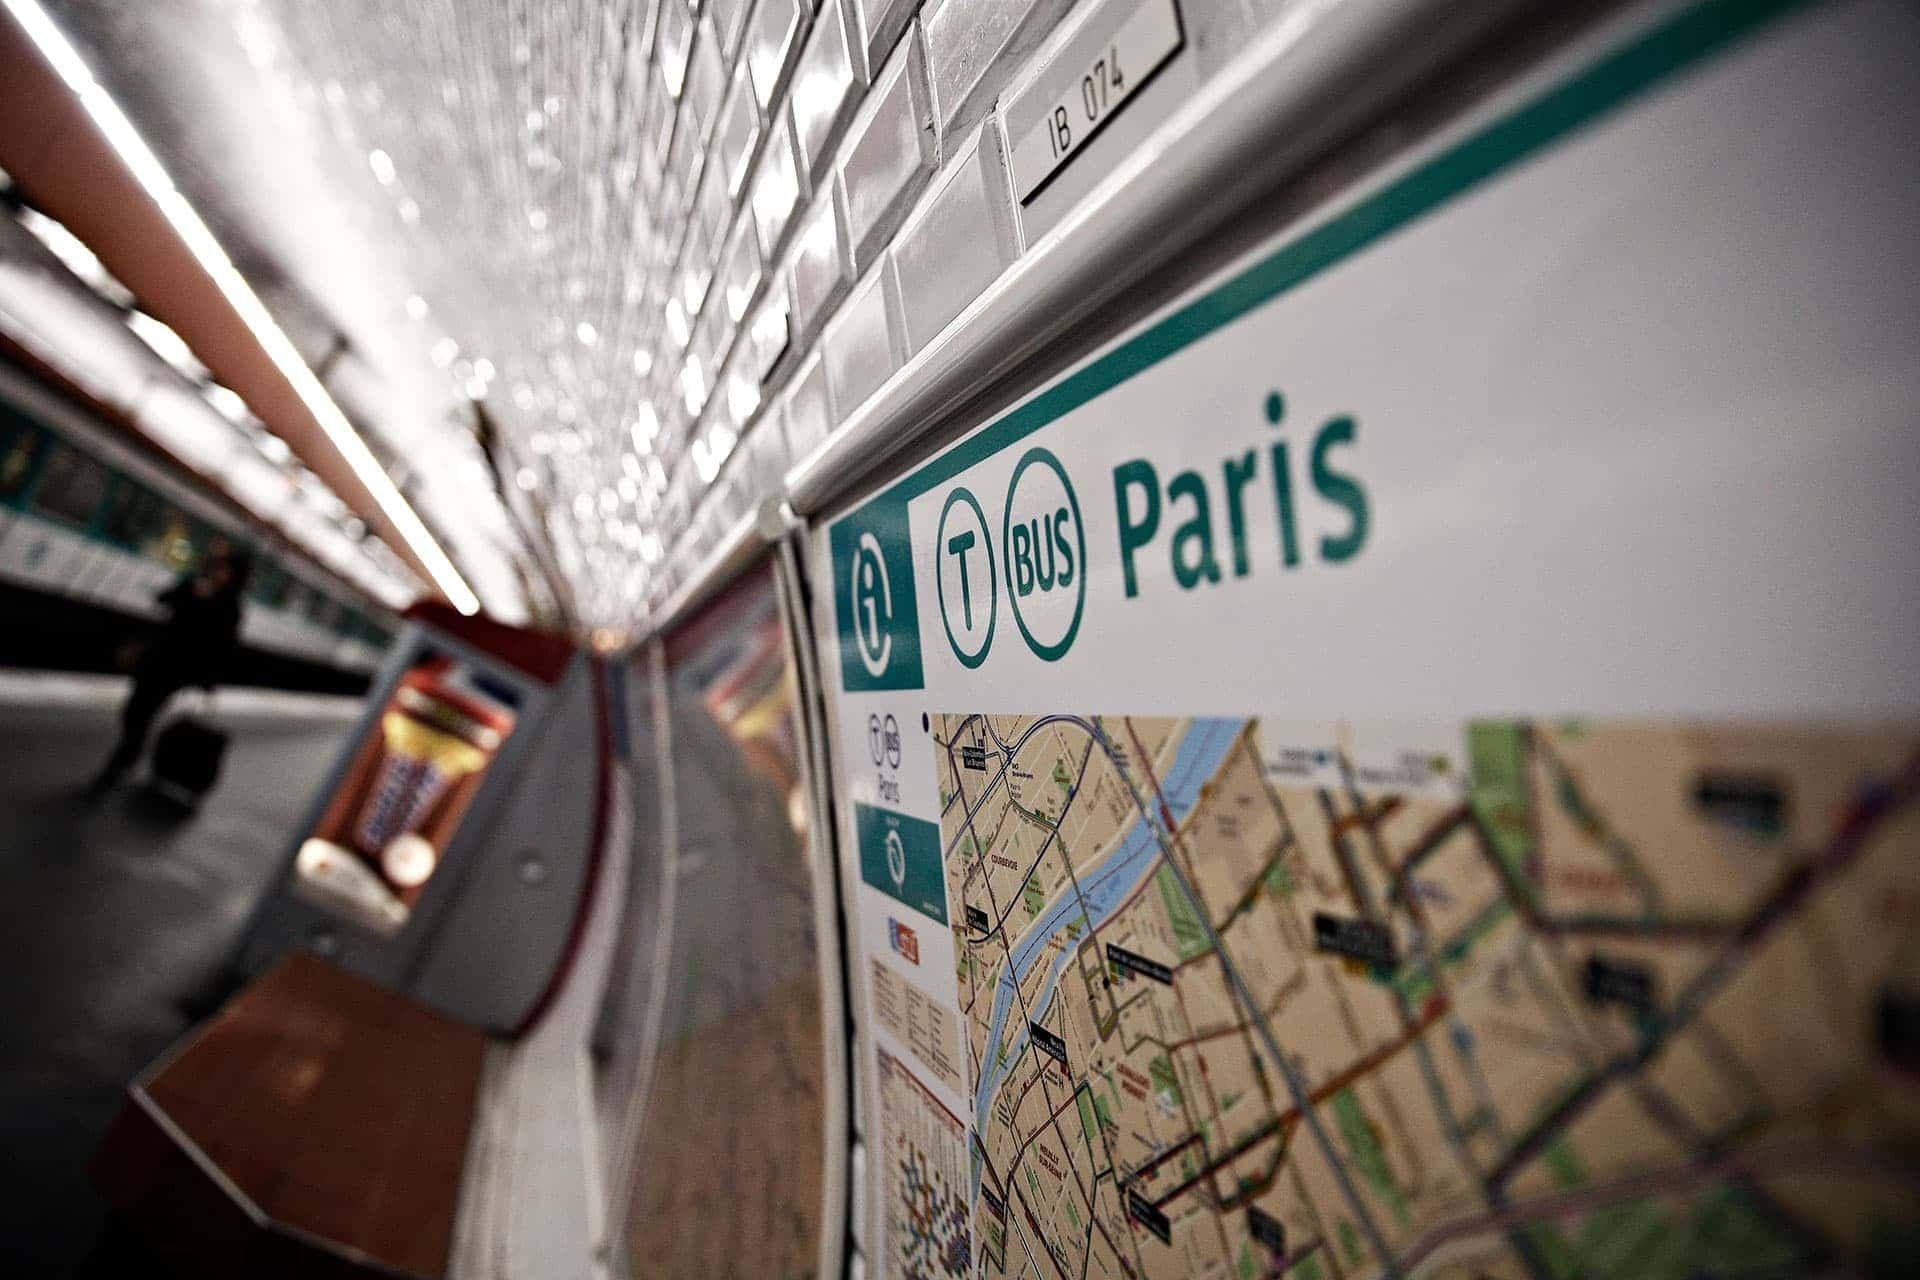 Image showing the Paris metro